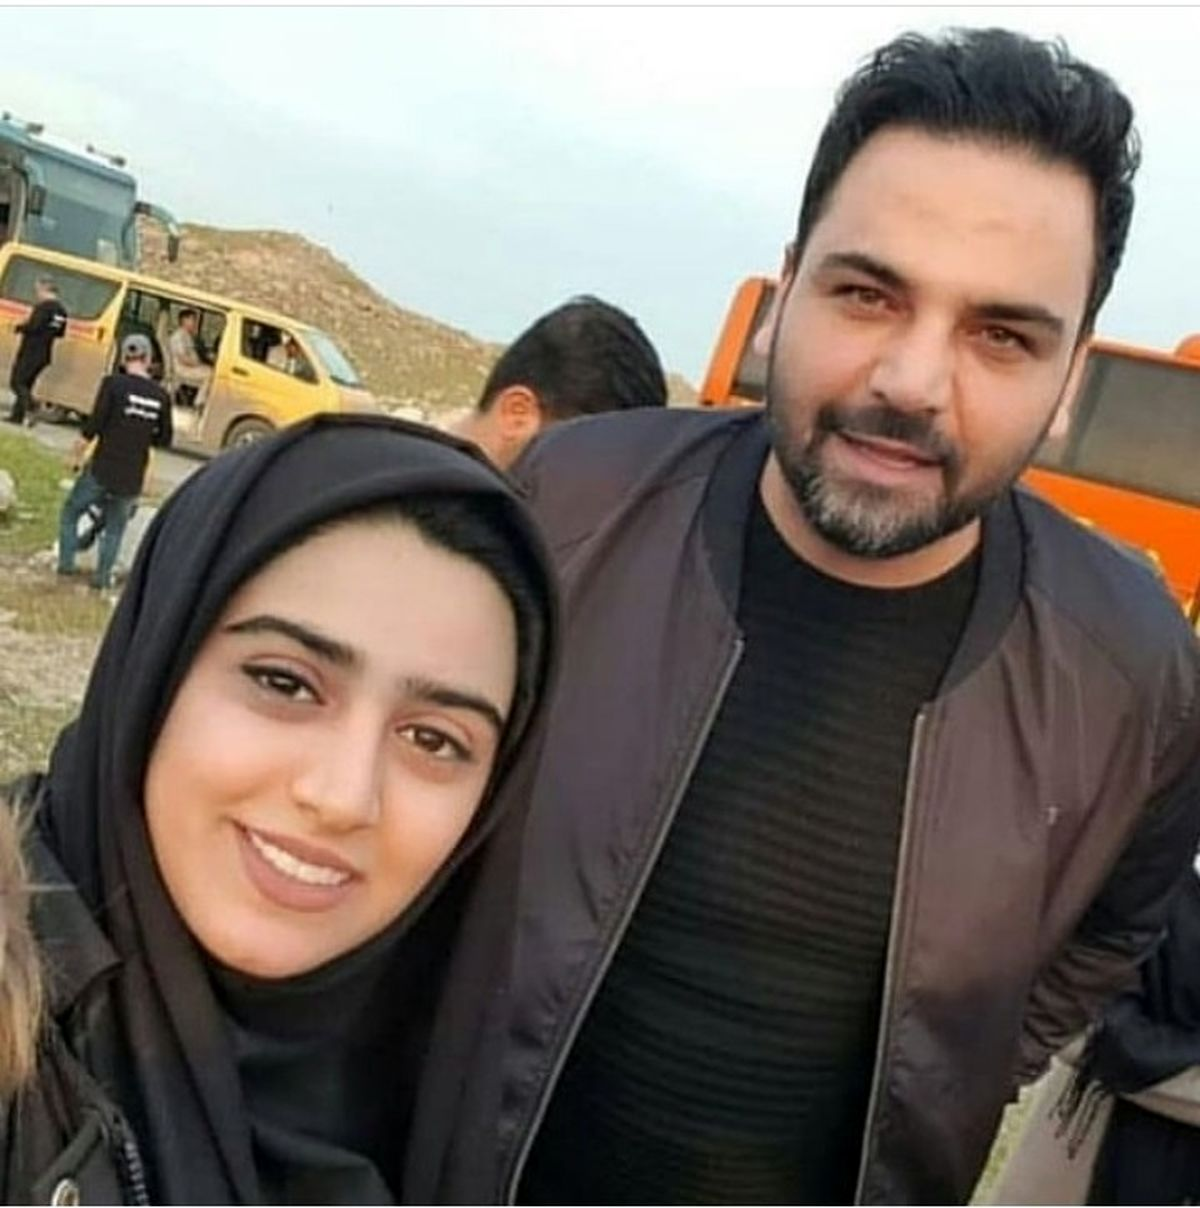 احسان علیخانی ازدواج کرد عکس مراسم ازدواج و همسرش